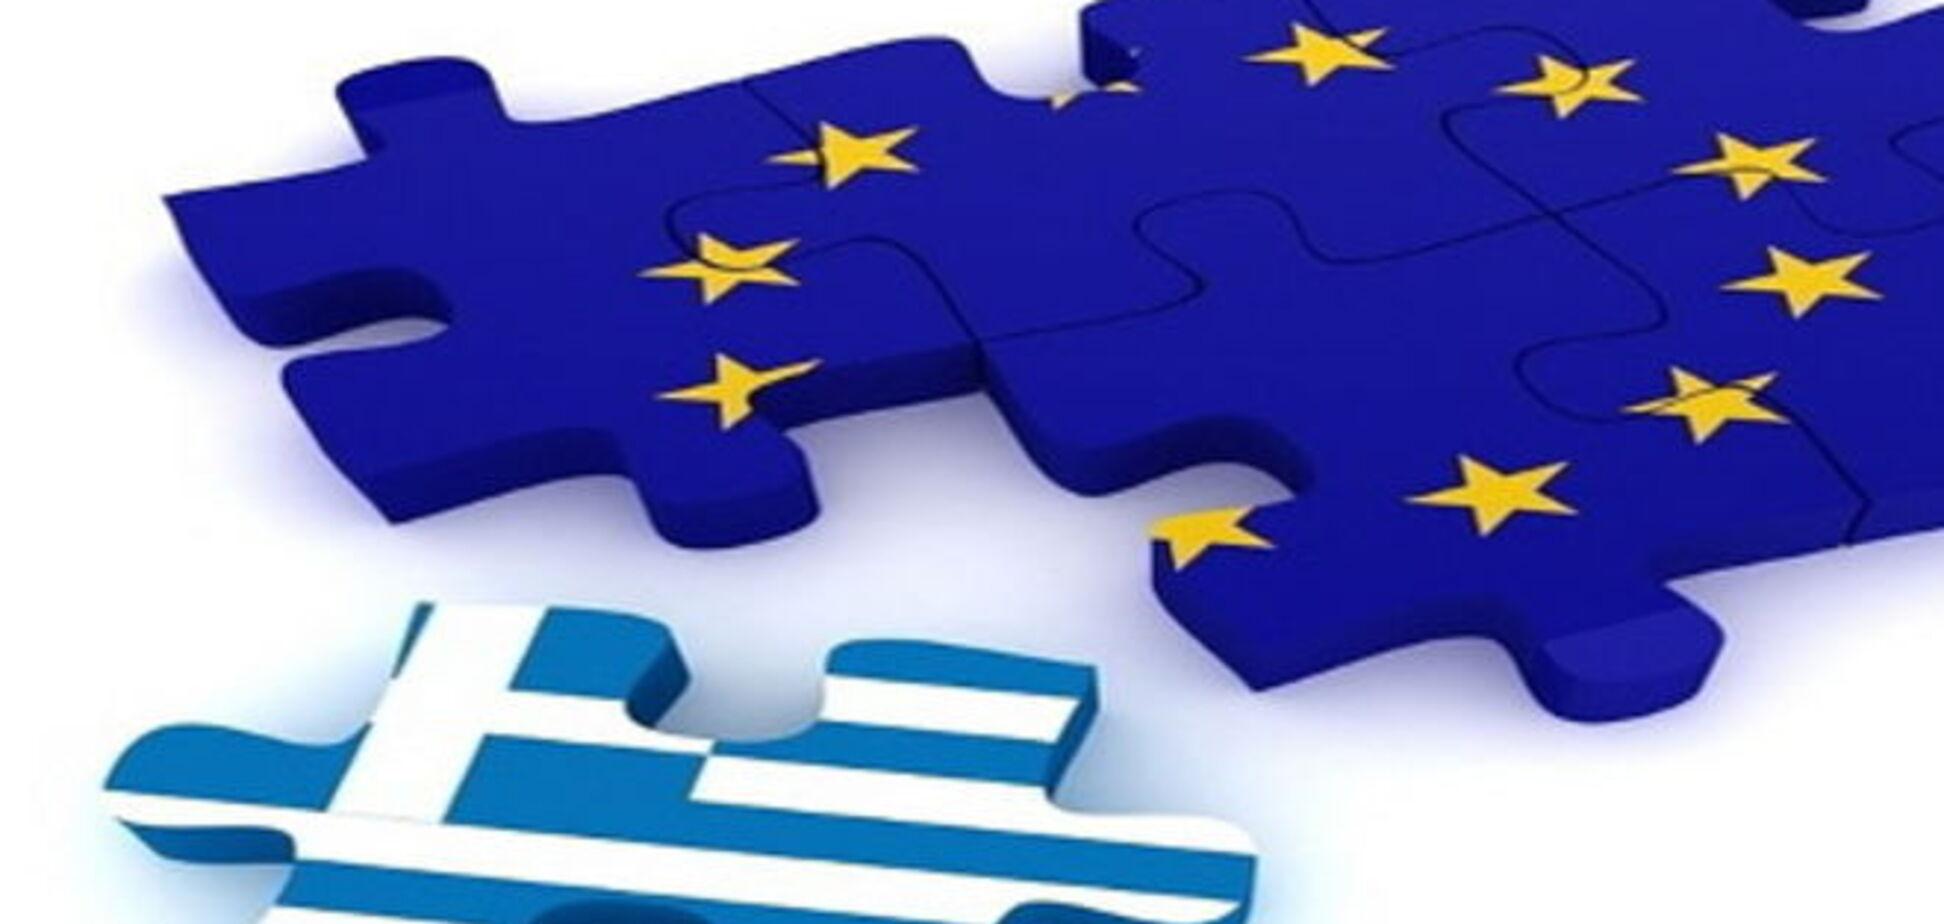 Тимчасовий вихід Греції з єврозони був би кращим виходом - Die Welt